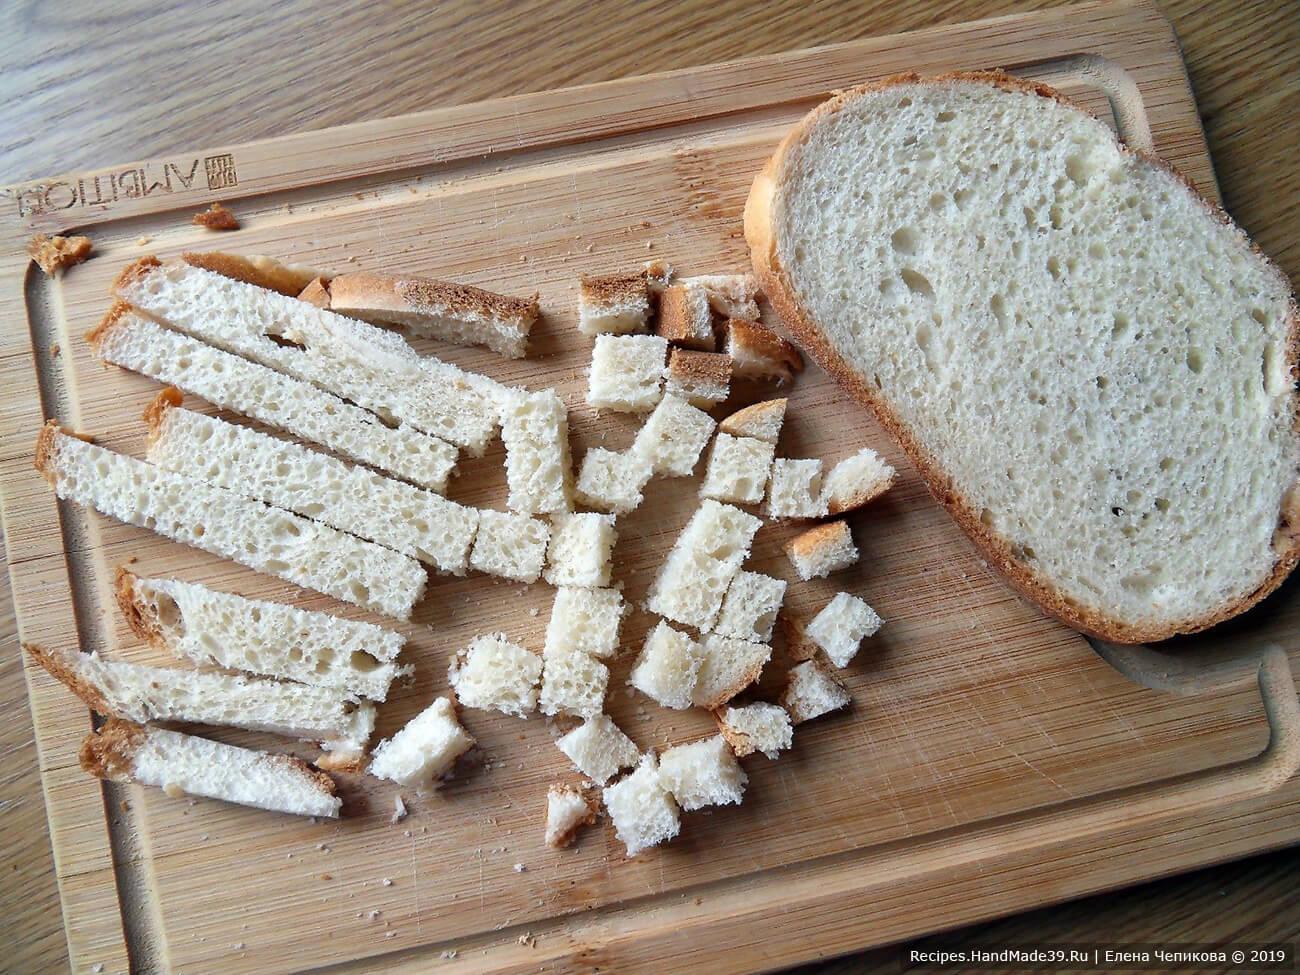 Для приготовления томатного супа «Паппа аль помодоро» нужно: чёрствый хлеб мелко нарезать